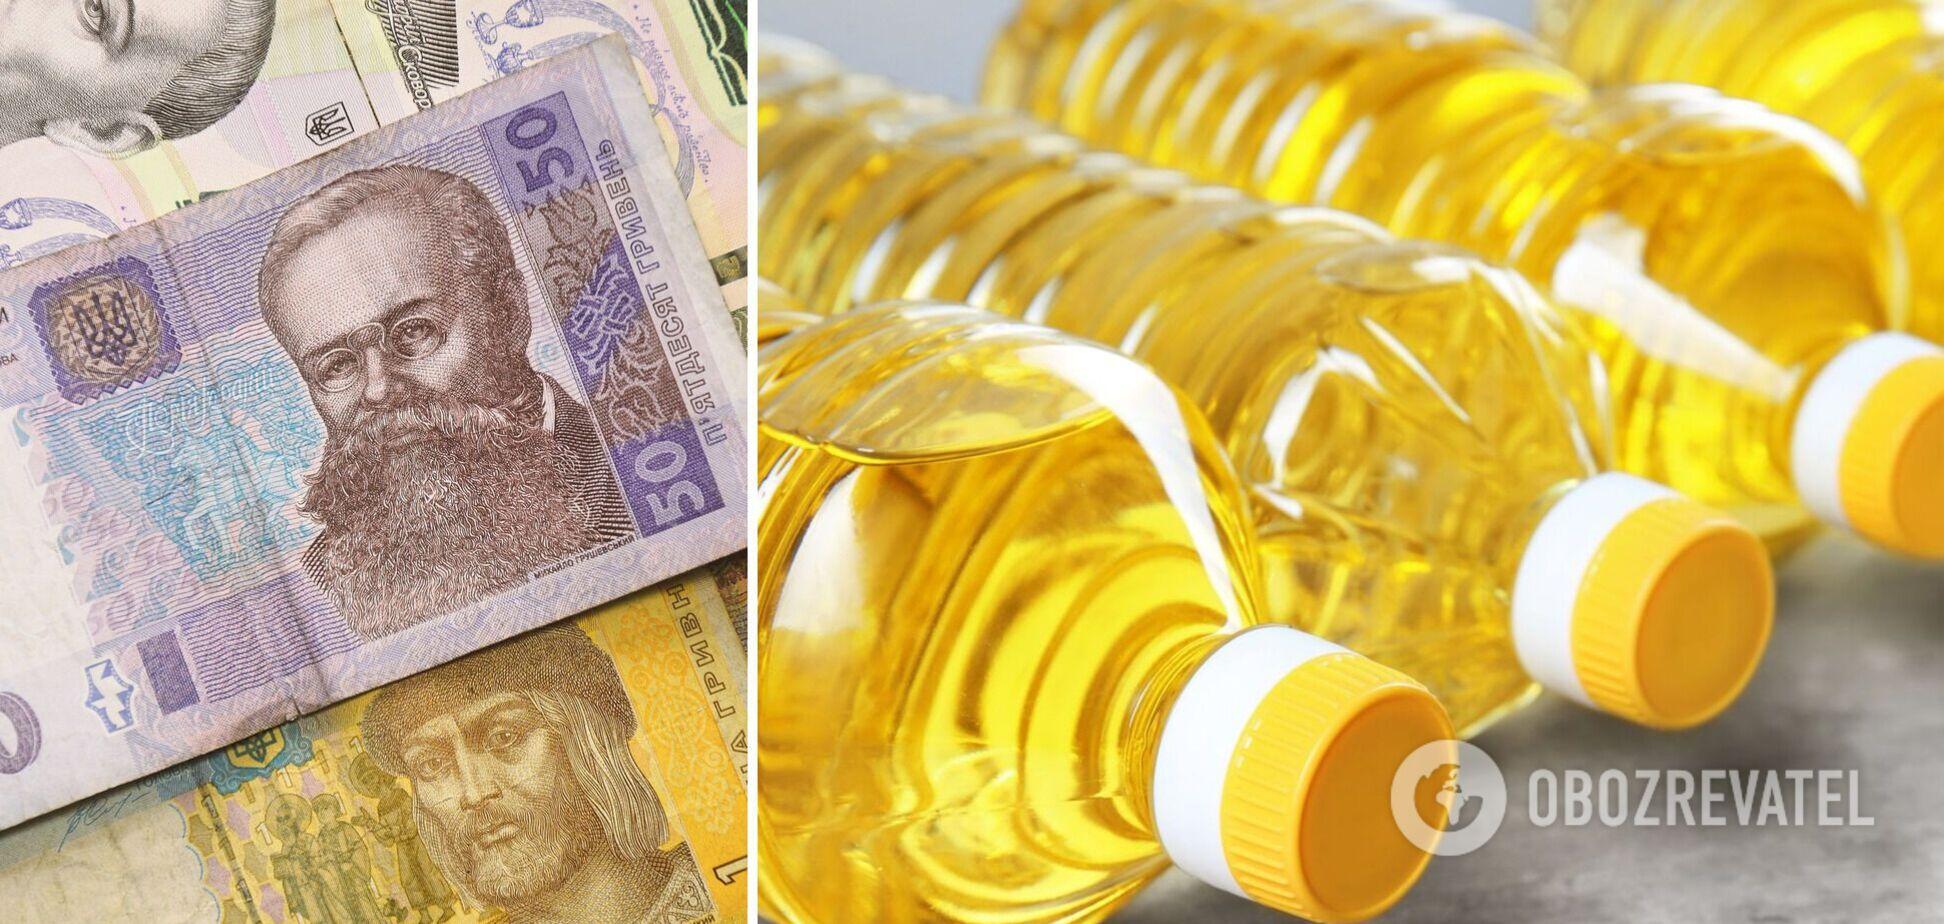 Цены на подсолнечное масло в Украине